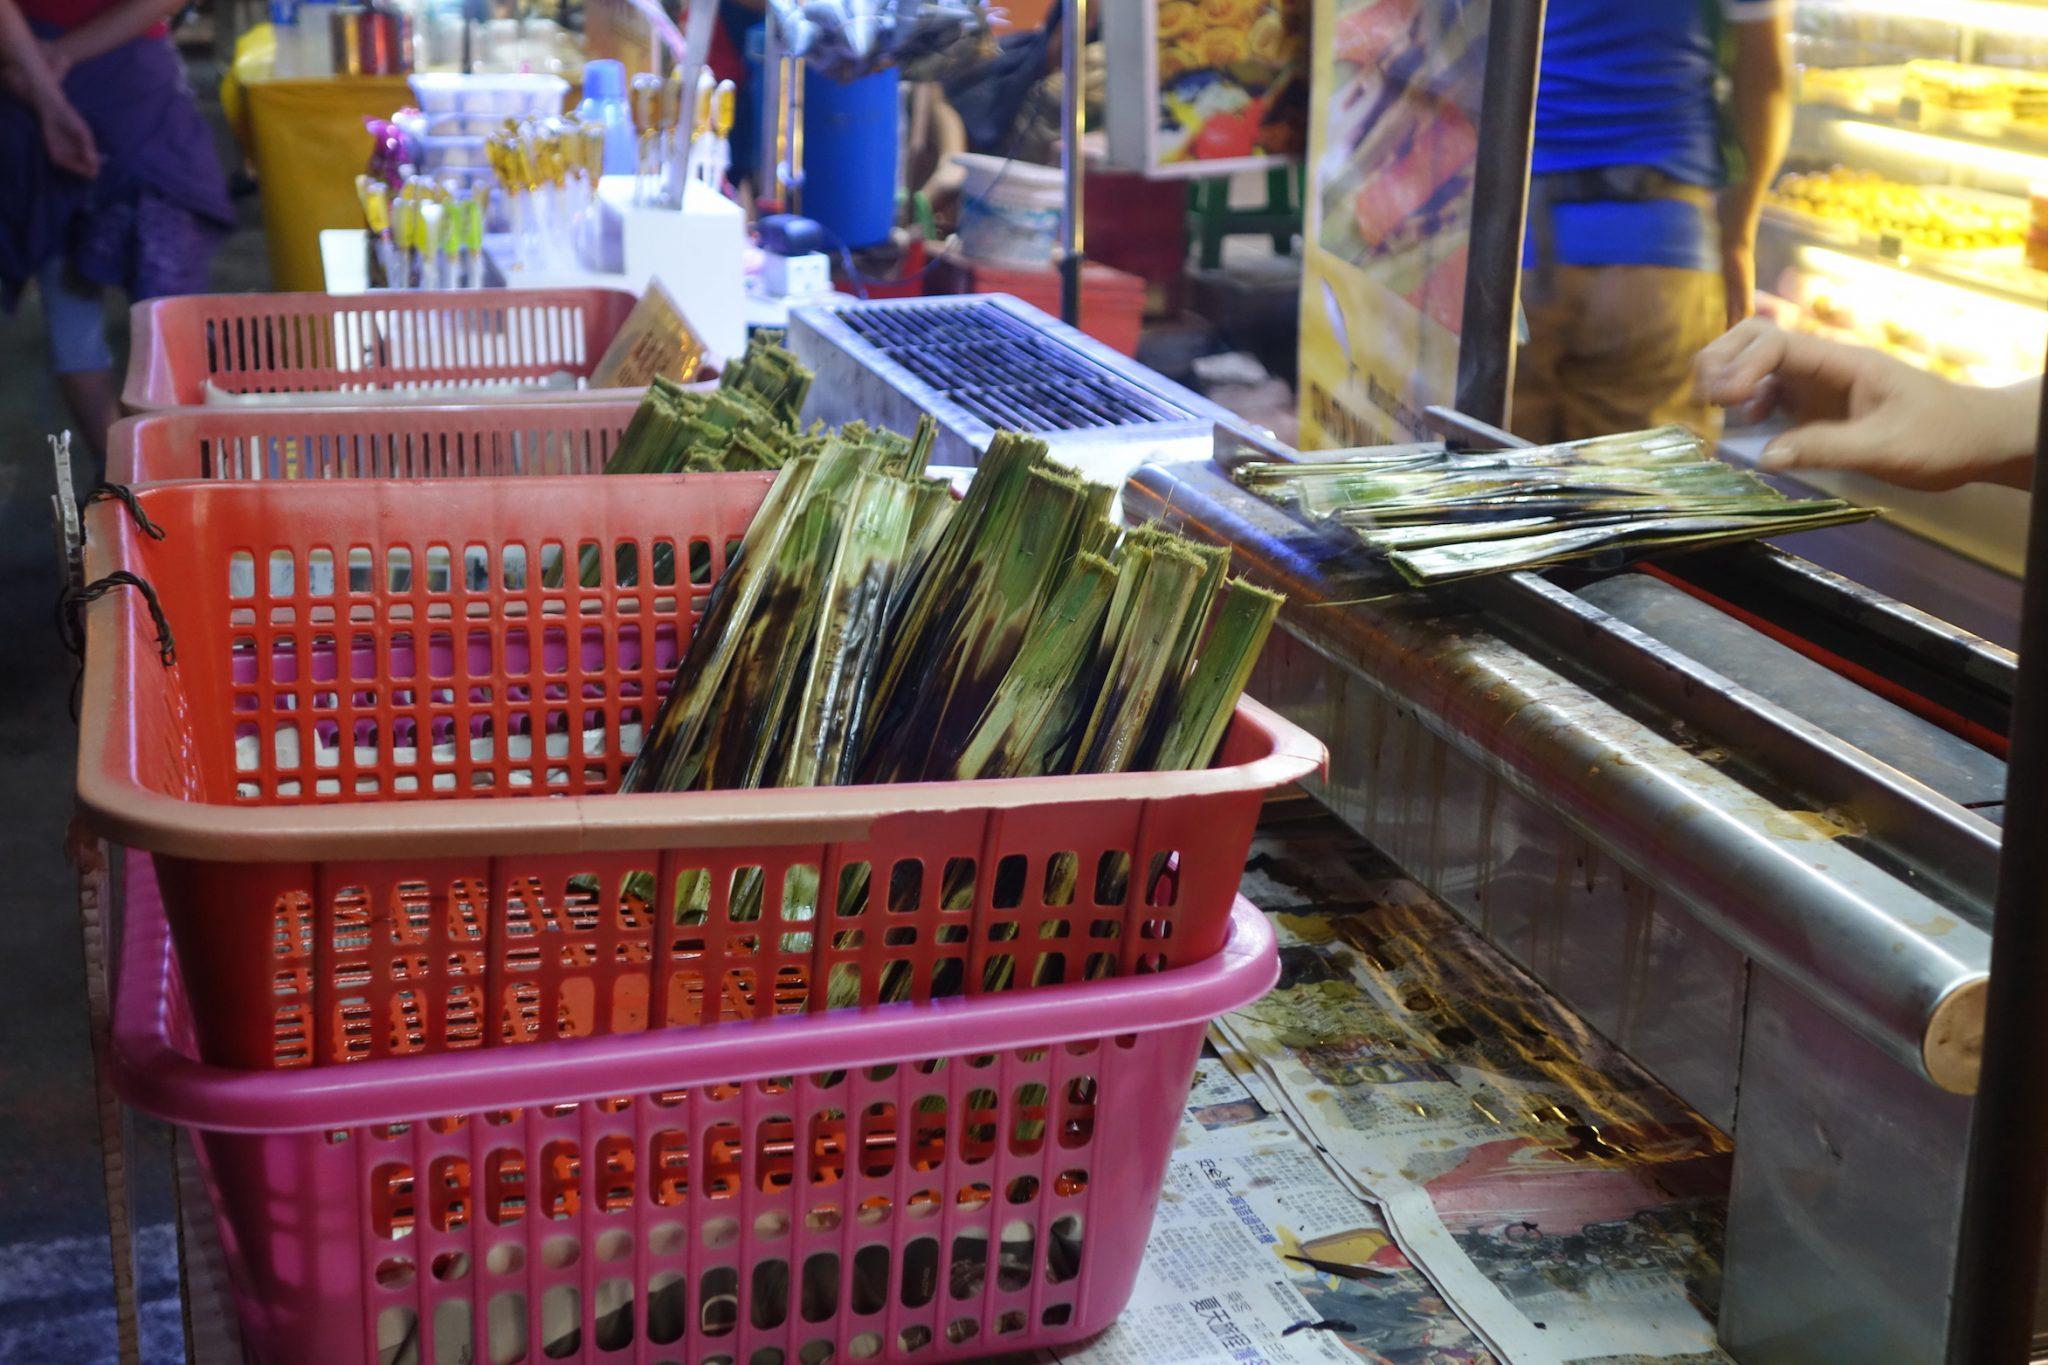 Melaka_Essen_JonkerStreetMarket_2